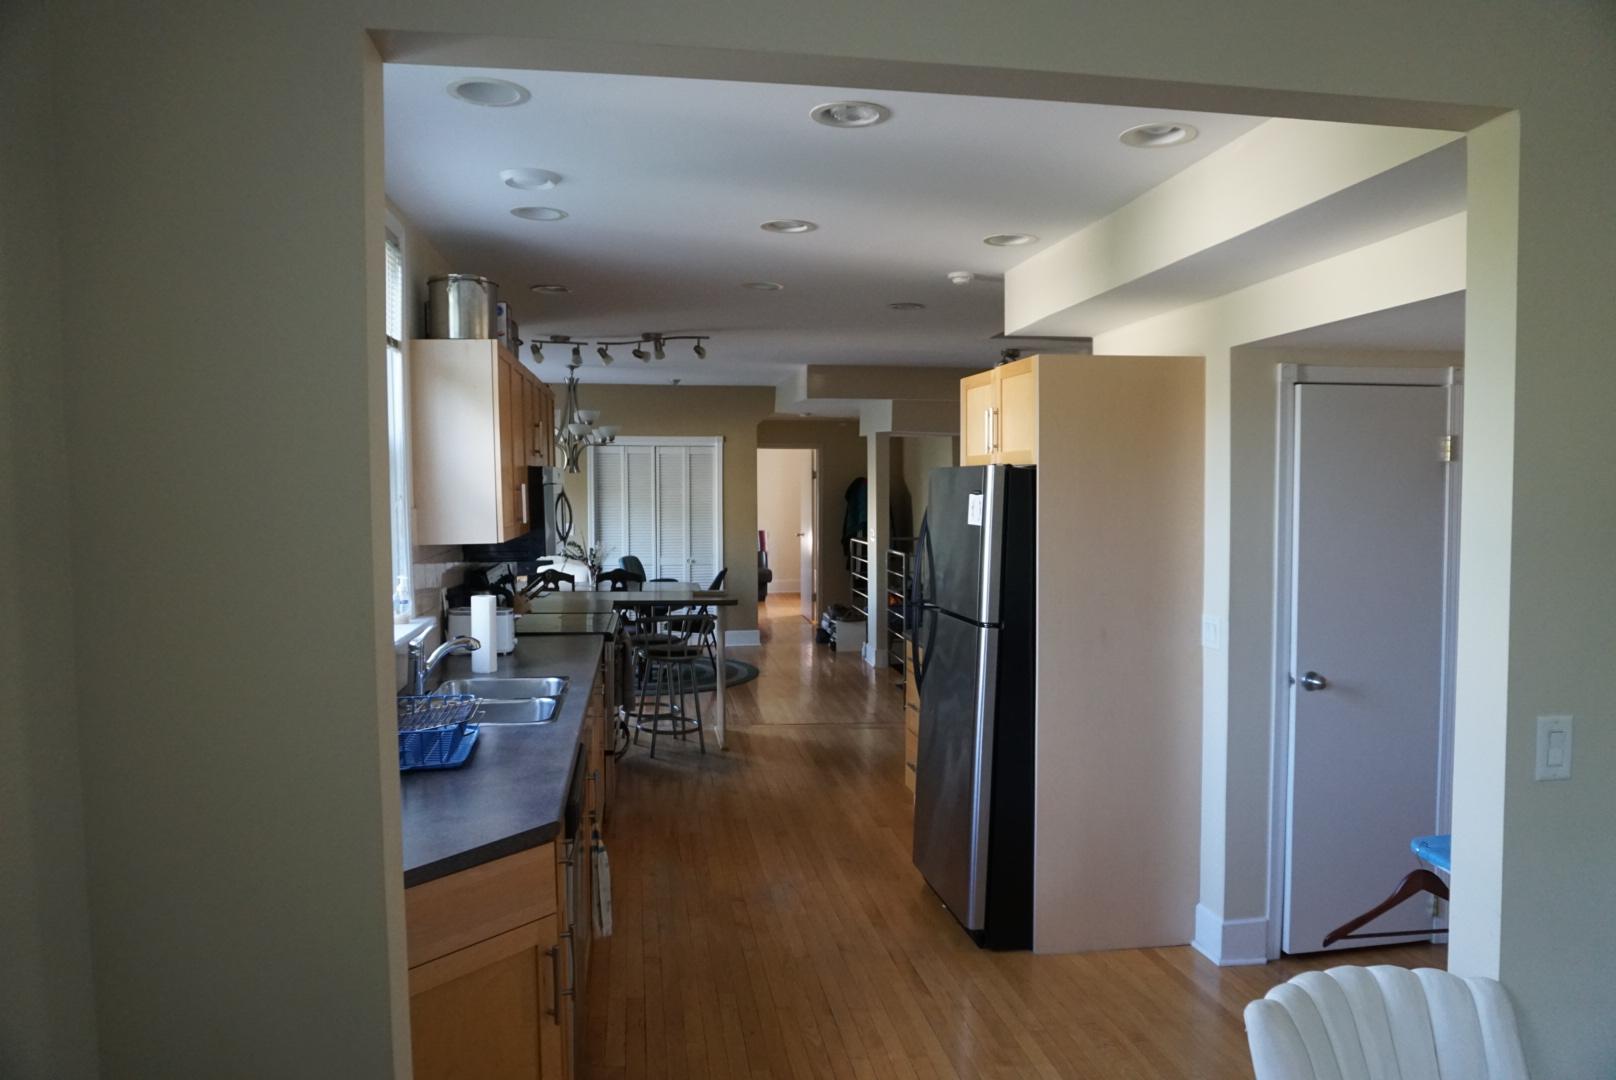 2-68 Yale Avenue Winnipeg,Manitoba,5 Bedrooms Bedrooms,2 BathroomsBathrooms,House,Yale Avenue,1205